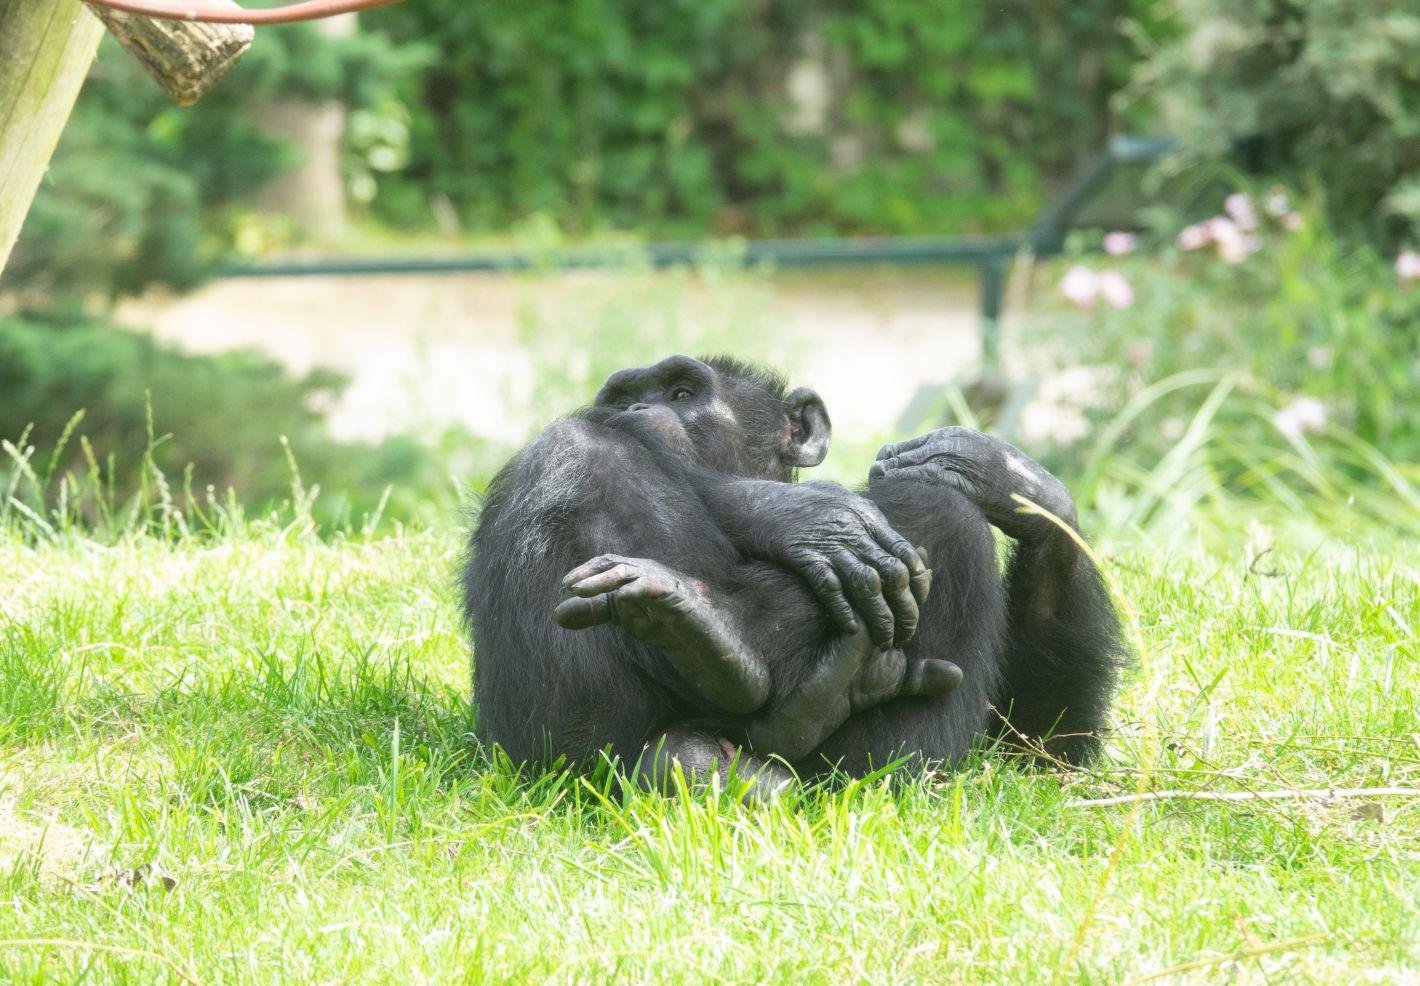 Un chimpanzé photographié au ZooParc de Beauval par Pierre-François BOUCHER